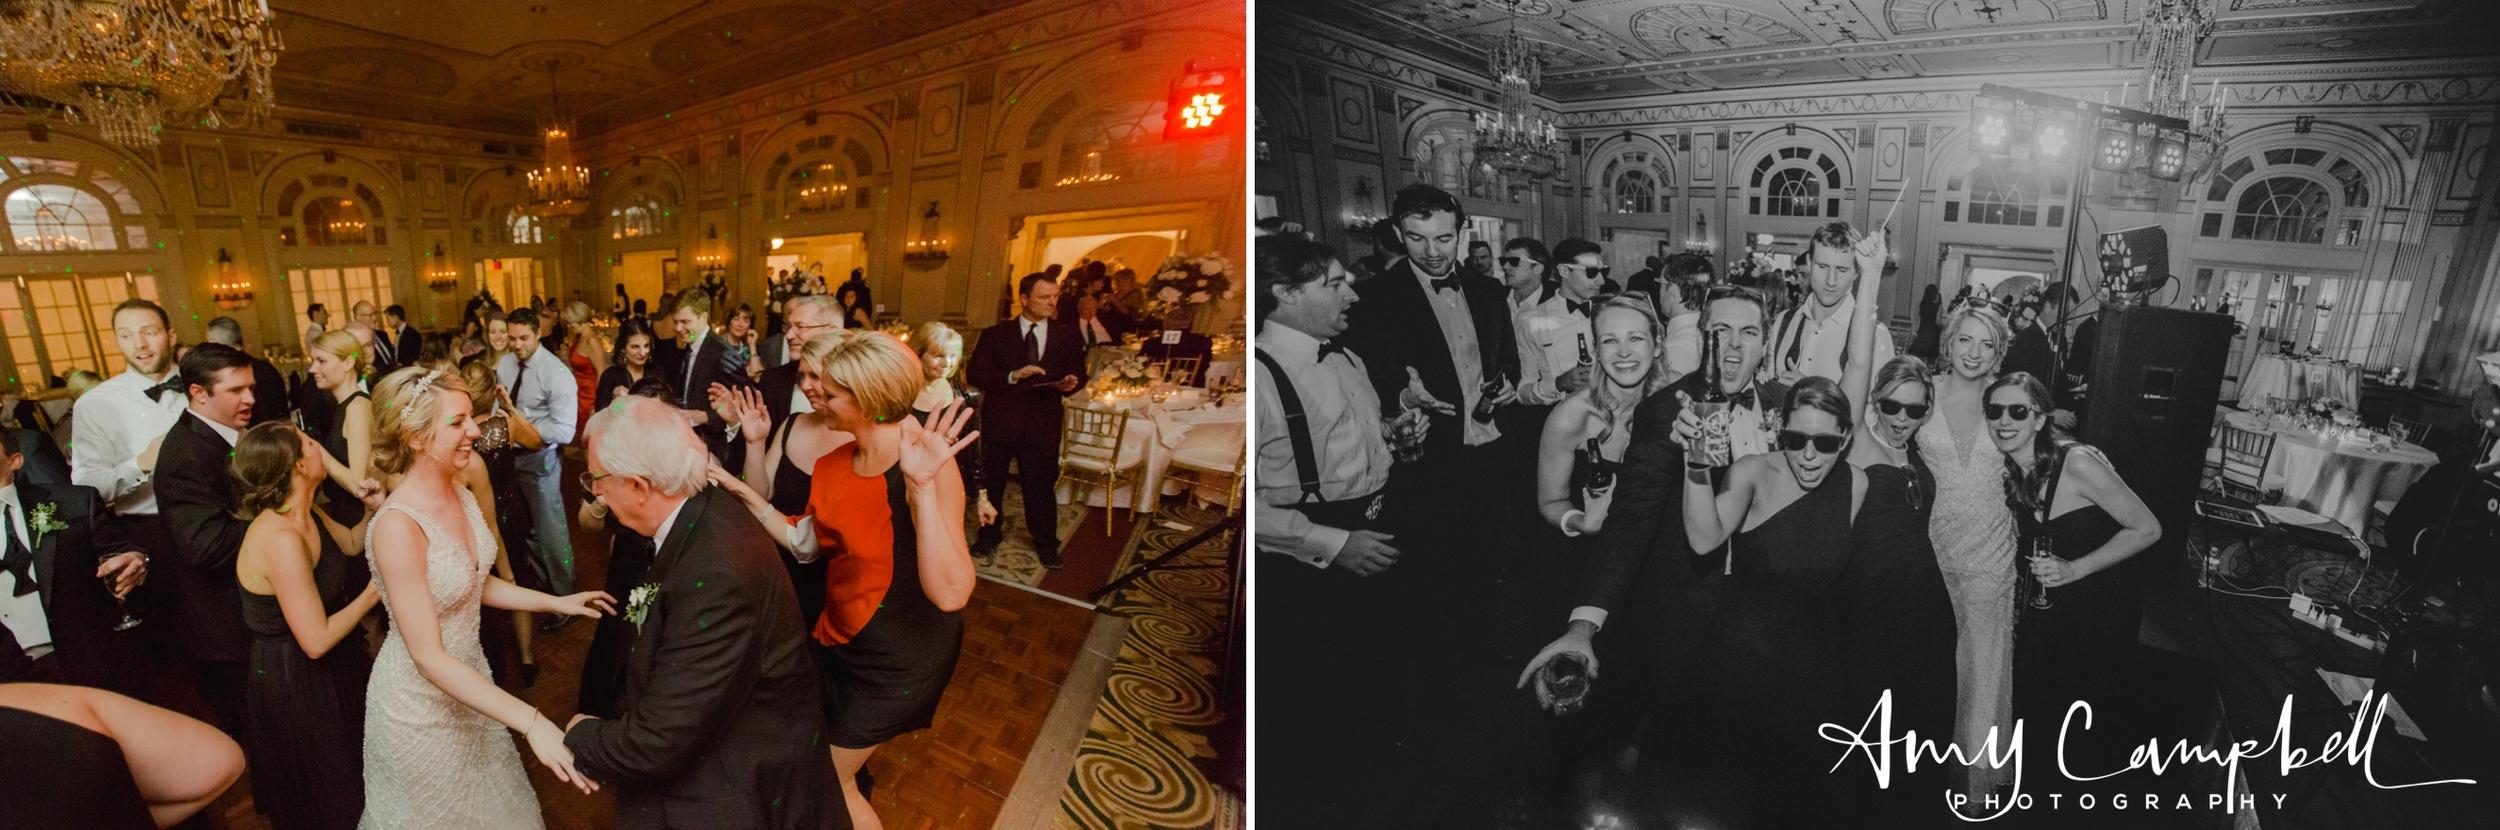 emmakyle_wedding_fb_amycampbellphotography_0050.jpg